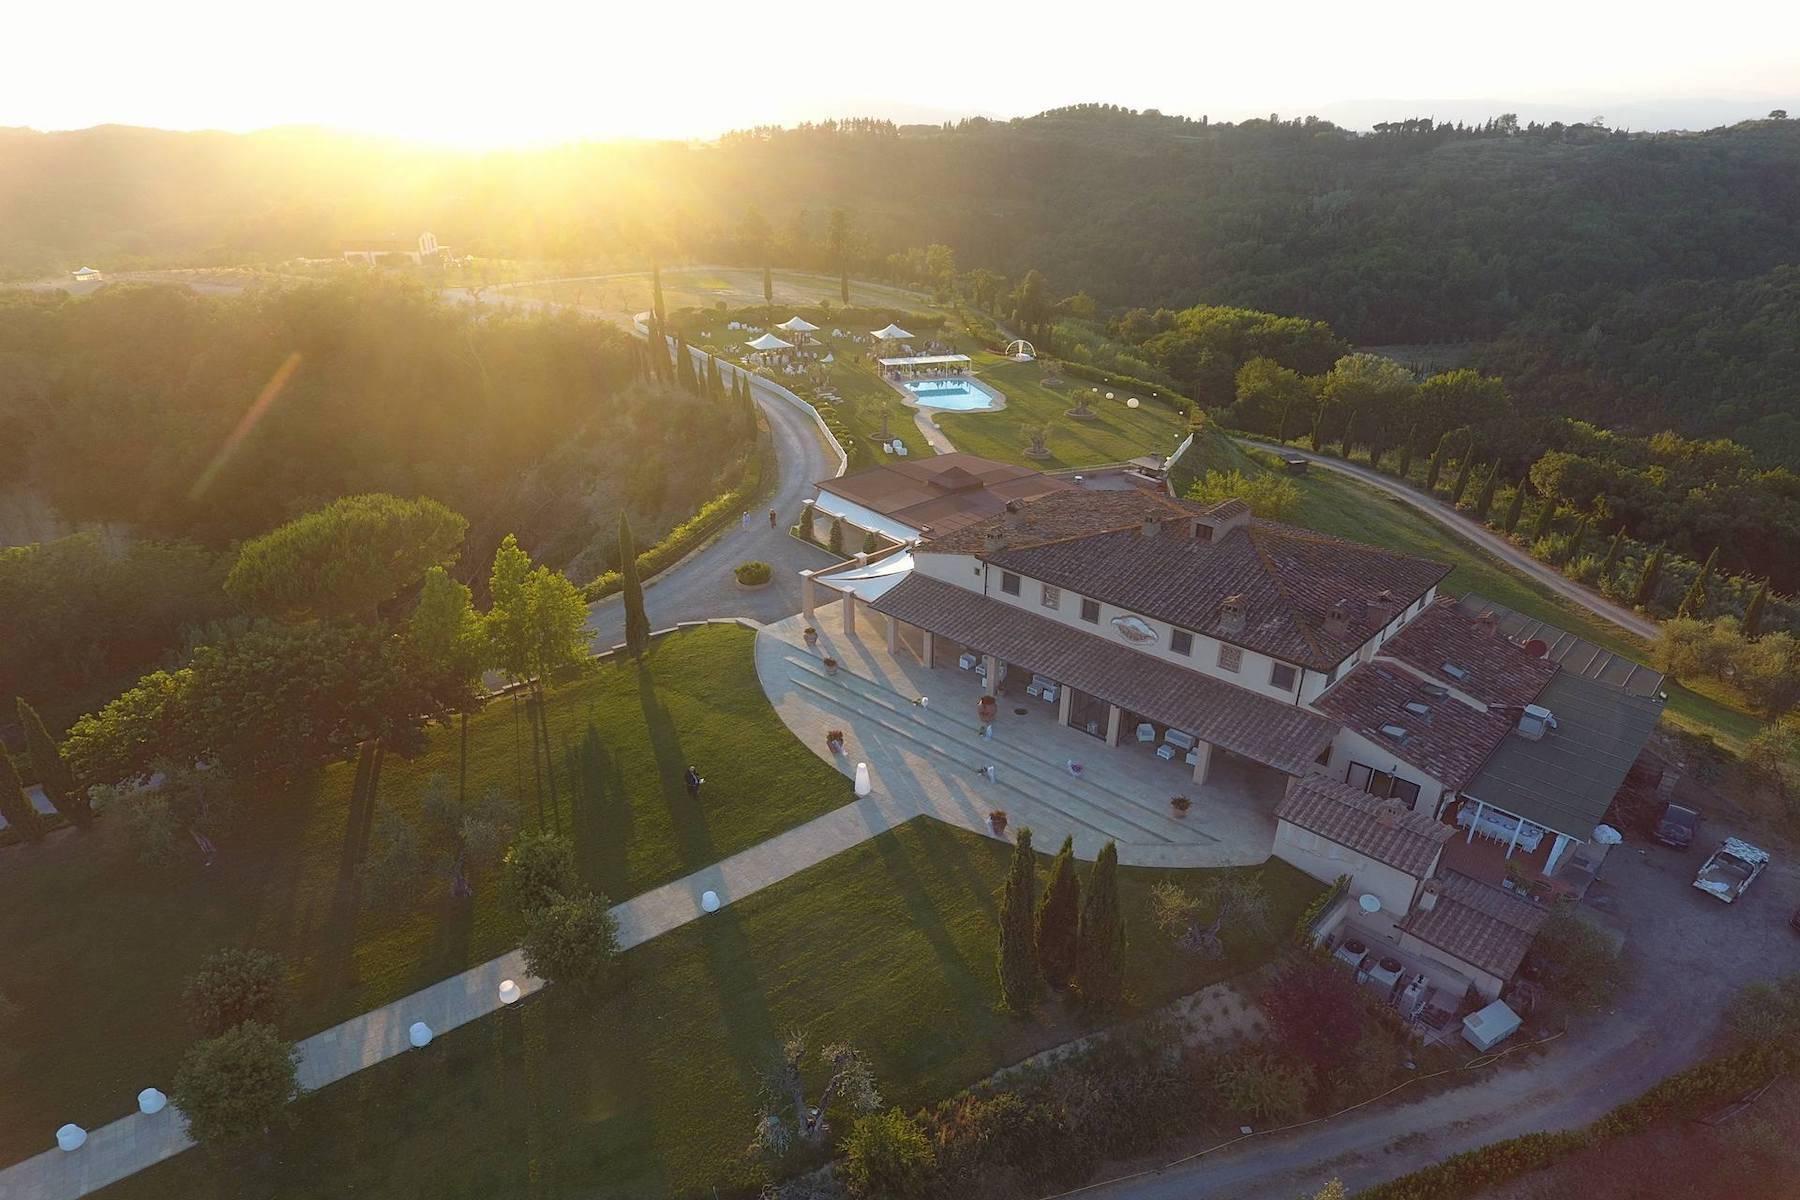 Wunderschönes Anwesen mit 202 Hektar Land im Herzen der Toskana - 7